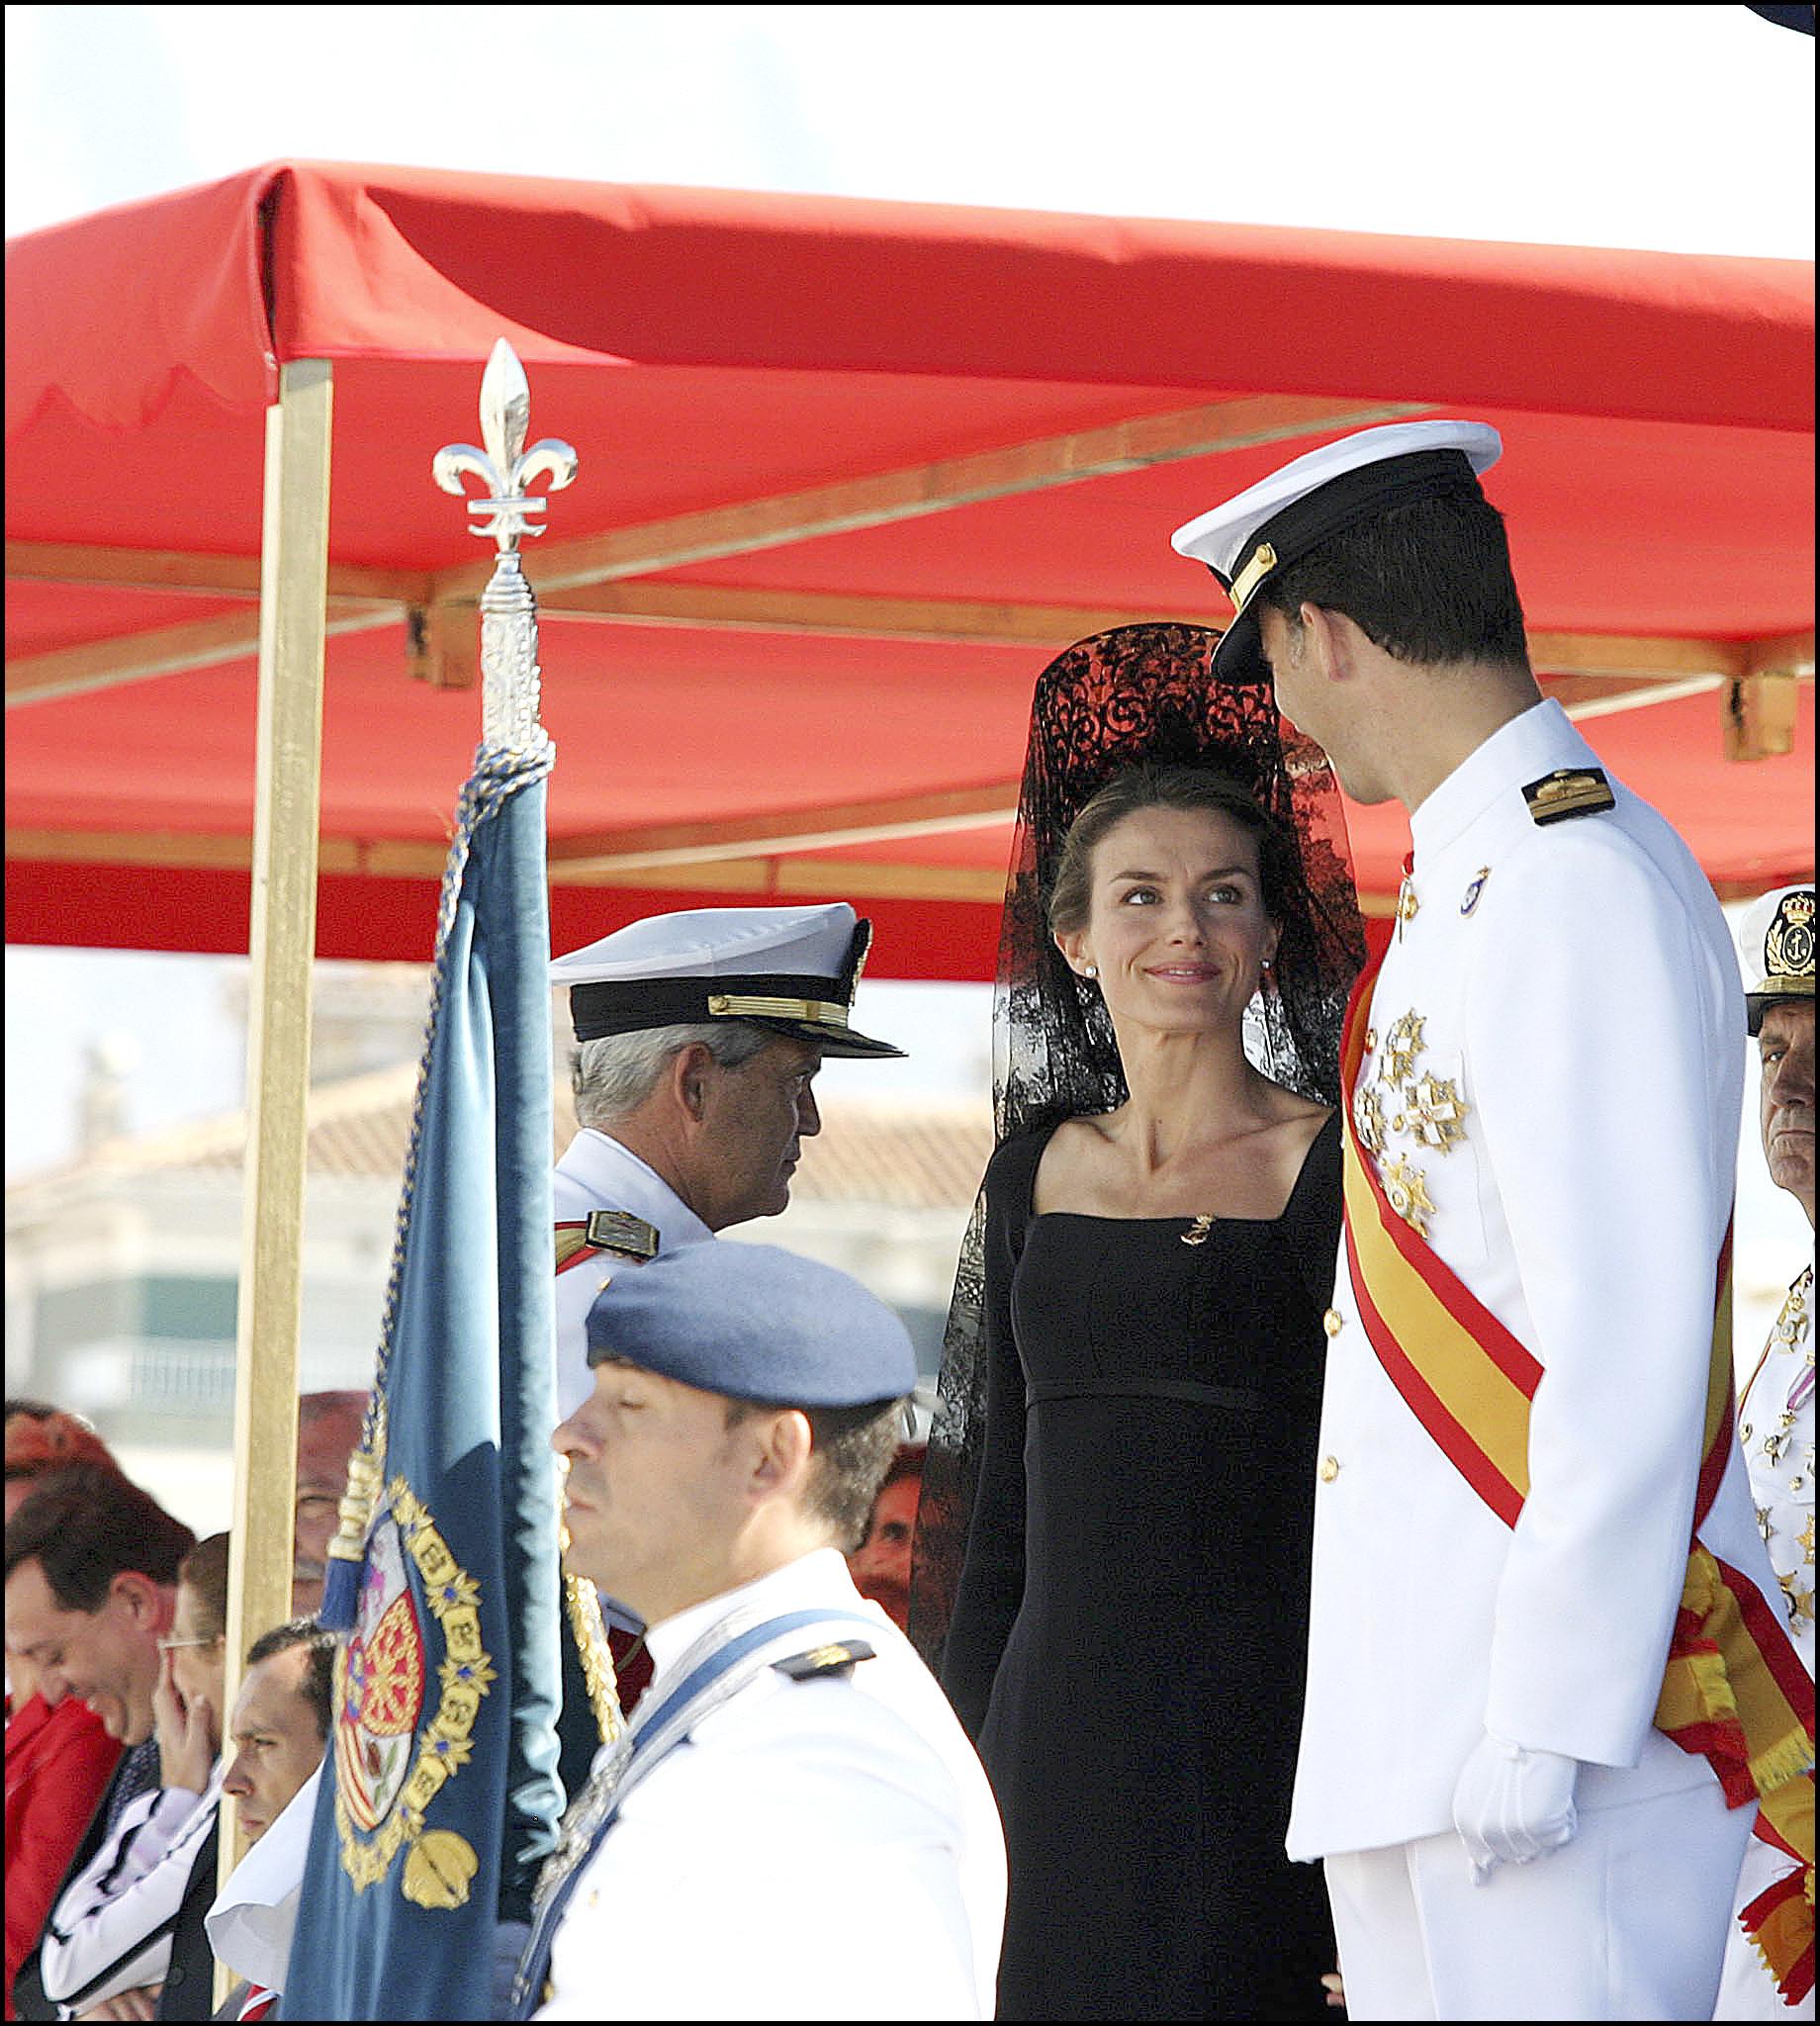 Doña Letizia lució mantilla en un acto de la Guardia Civil en Logroño en 2005